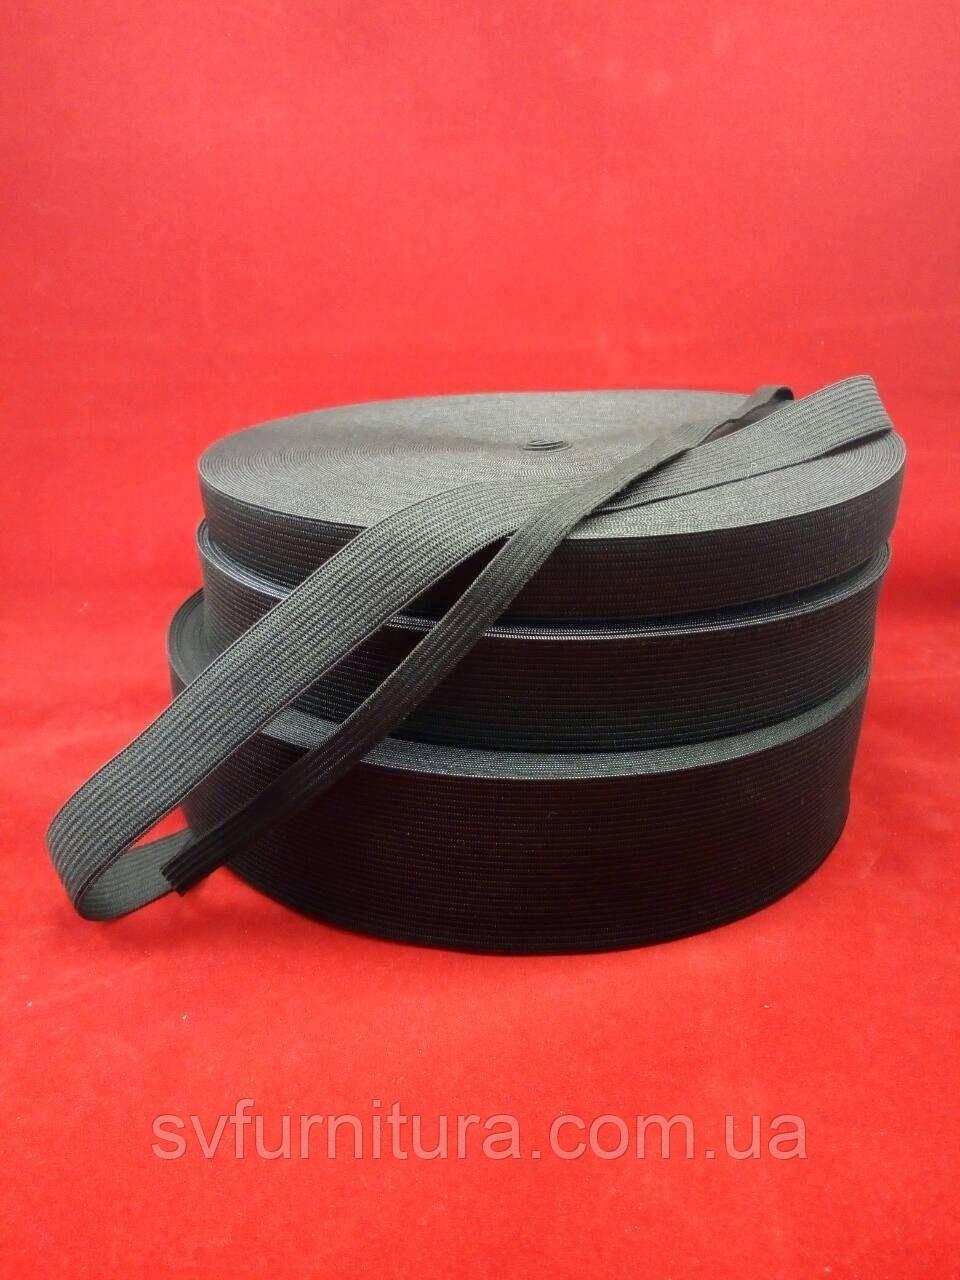 Резинка 5,0 см 1 сорт черный